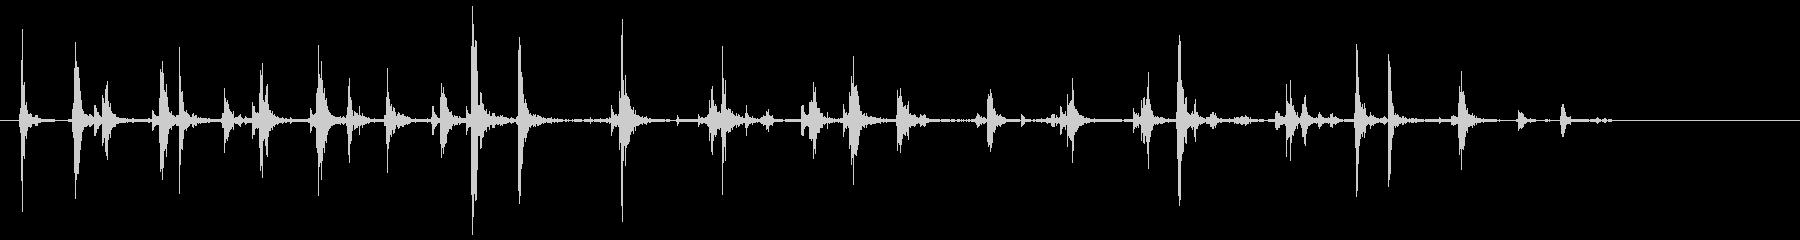 キーボード 高速(ワープロ) カタタタッの未再生の波形